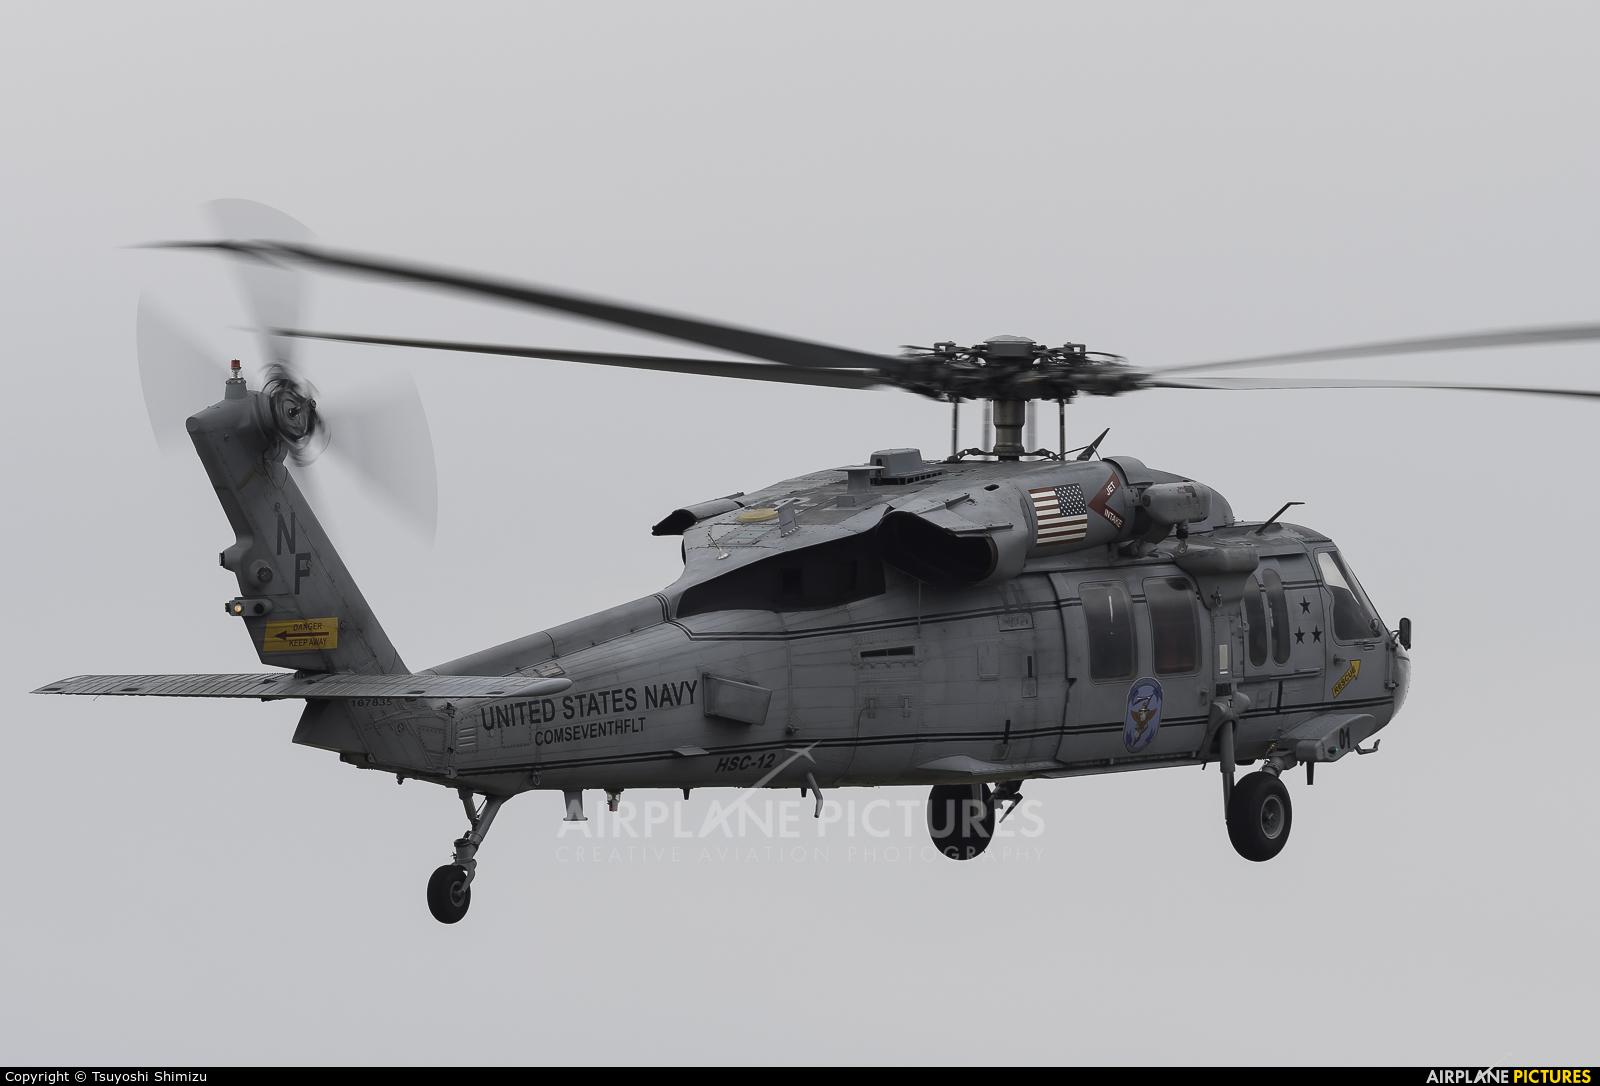 USA - Navy 167835 aircraft at Atsugi AB